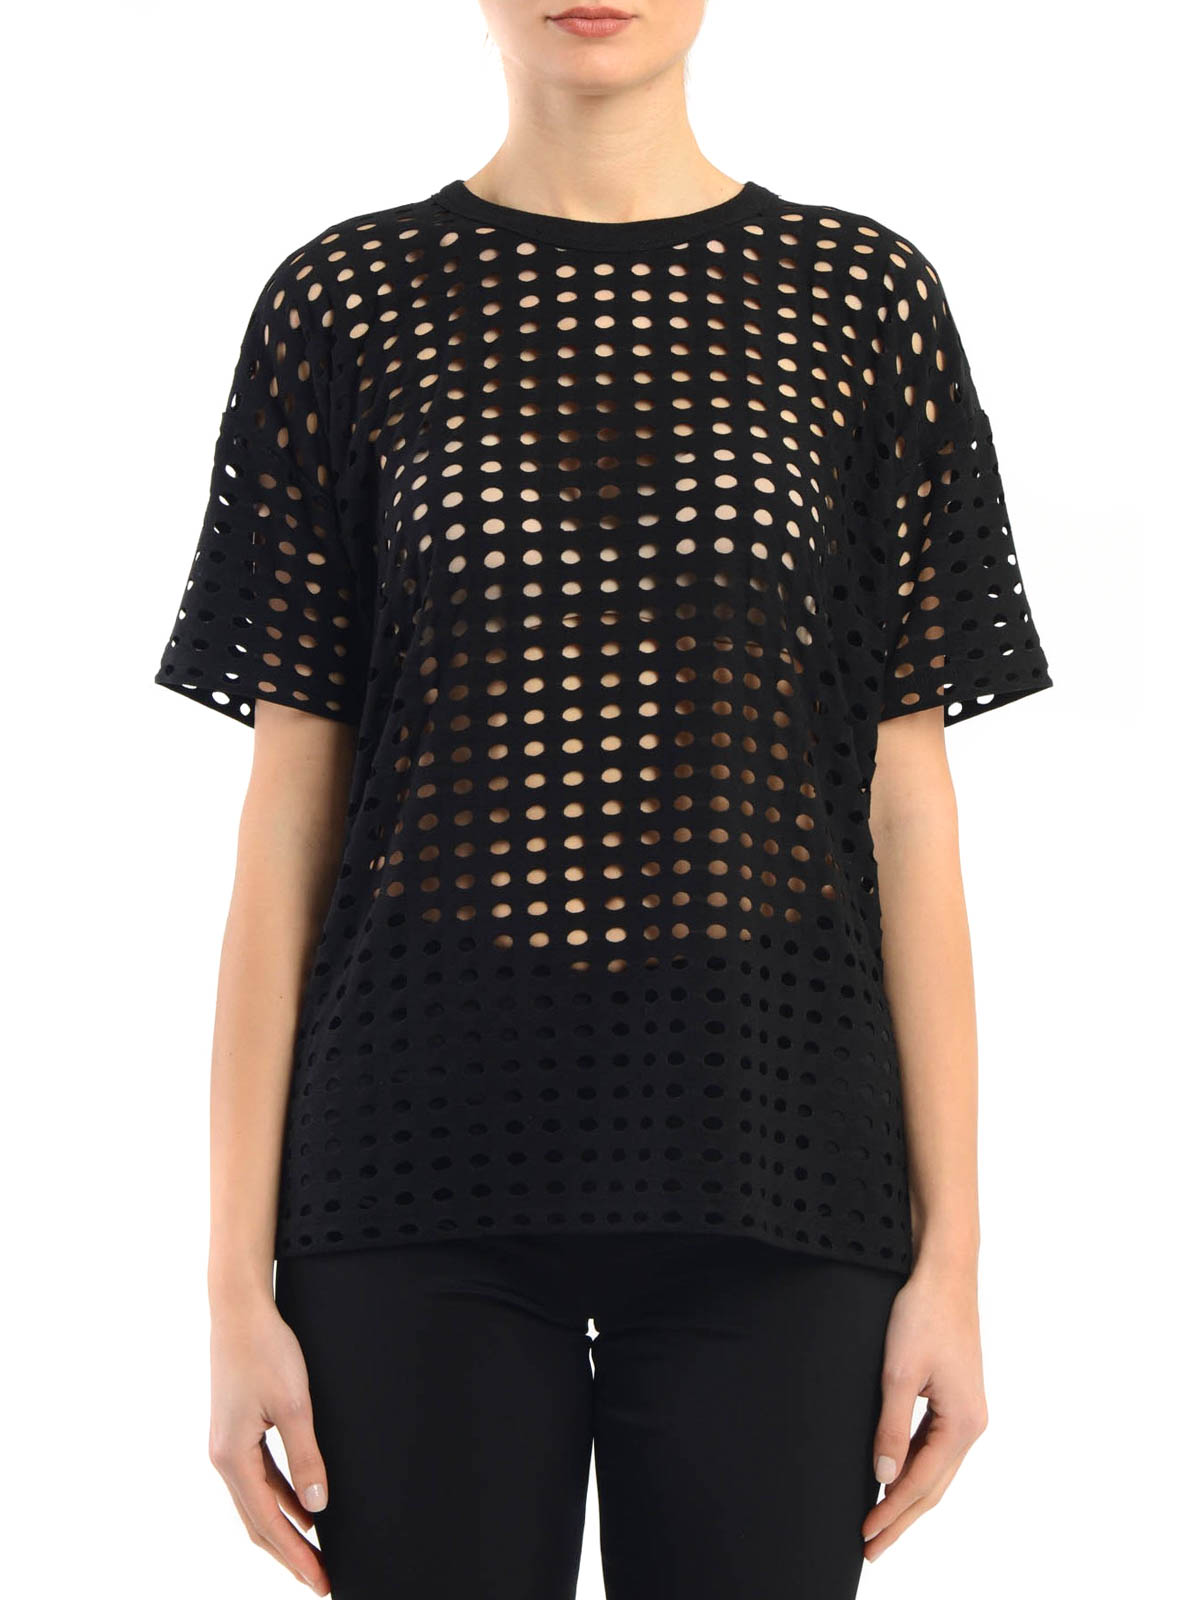 Design t shirt online - Alexander Wang T Shirts Online Cut Out Design T Shirt